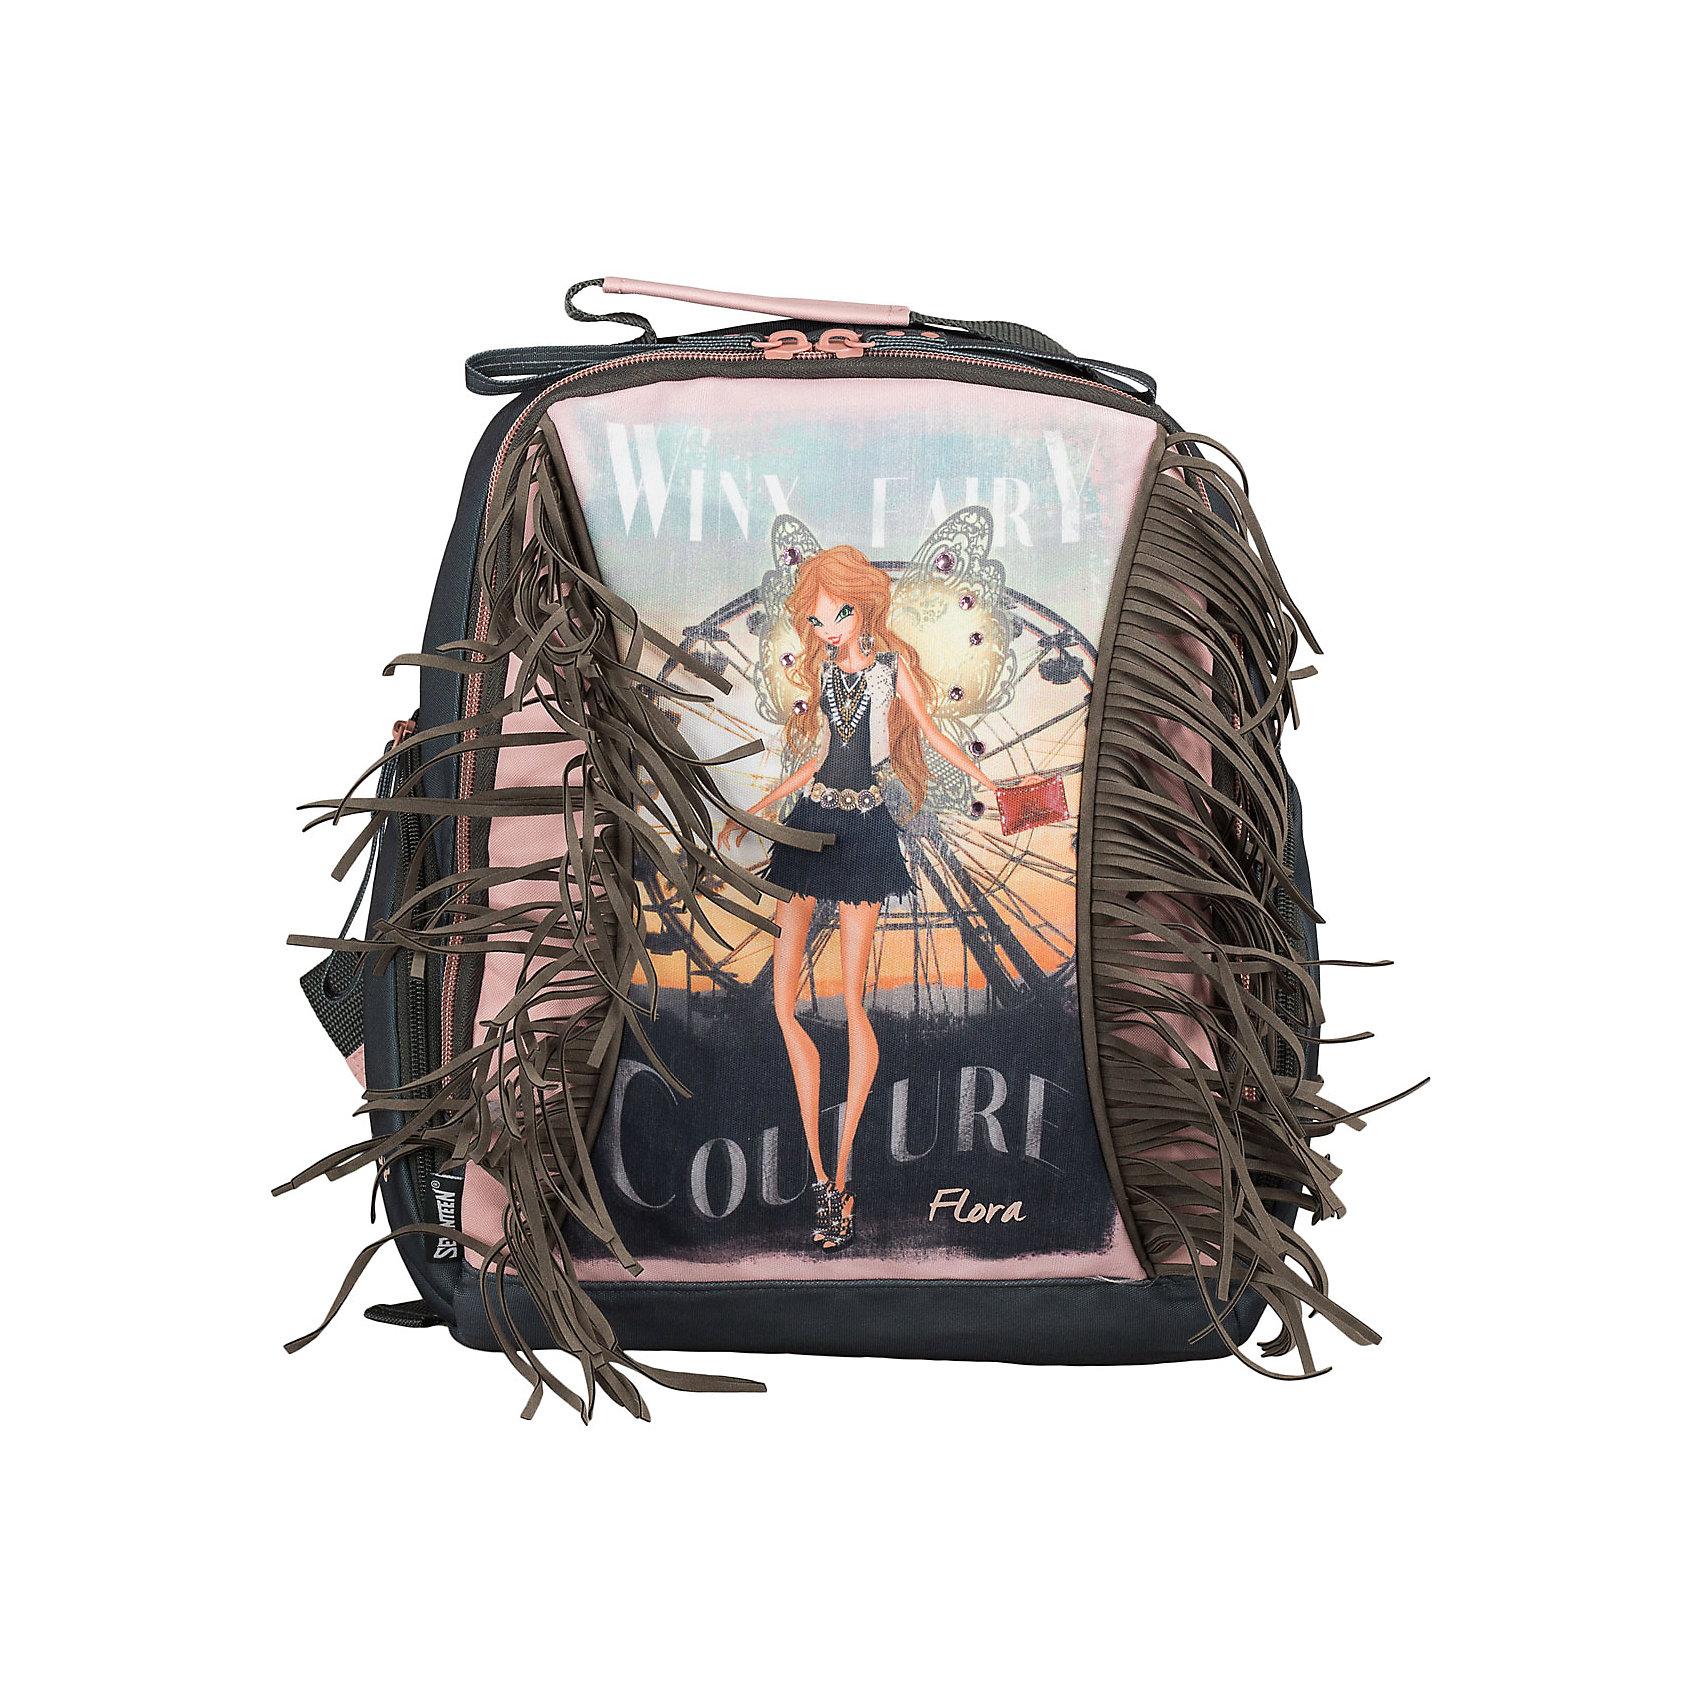 Школьный рюкзак Winx Fairy Couture с усиленной спинкой, Winx ClubРюкзак на молнии изготовлен из водостойкого, износостойкого материала. Дно и корпус рюкзака мягкие. Спинка усилена поролоном. На фронтальной части есть текстильный кант, в который вставлен пластик, для придания формы рюкзаку. Одно большое вместительное отделение с навесным карманом на молнии. Лямки специальной S-образной формы, регулируемые по длине с поролоновыми вставками и воздухообменным сетчатым материалом. По бокам расположены карманы, закрывающиеся на молнию. Рюкзак снабжен текстильной ручкой.<br><br>Дополнительная информация:<br><br>Размер: 35 х 31 х 14 см.<br><br>Мягкий рюкзак Winx Fairy Couture с усиленной спинкой, Winx Club (Клуб Винкс: Школа волшебниц) можно купить в нашем магазине.<br><br>Ширина мм: 350<br>Глубина мм: 310<br>Высота мм: 140<br>Вес г: 450<br>Возраст от месяцев: 72<br>Возраст до месяцев: 144<br>Пол: Женский<br>Возраст: Детский<br>SKU: 4177249